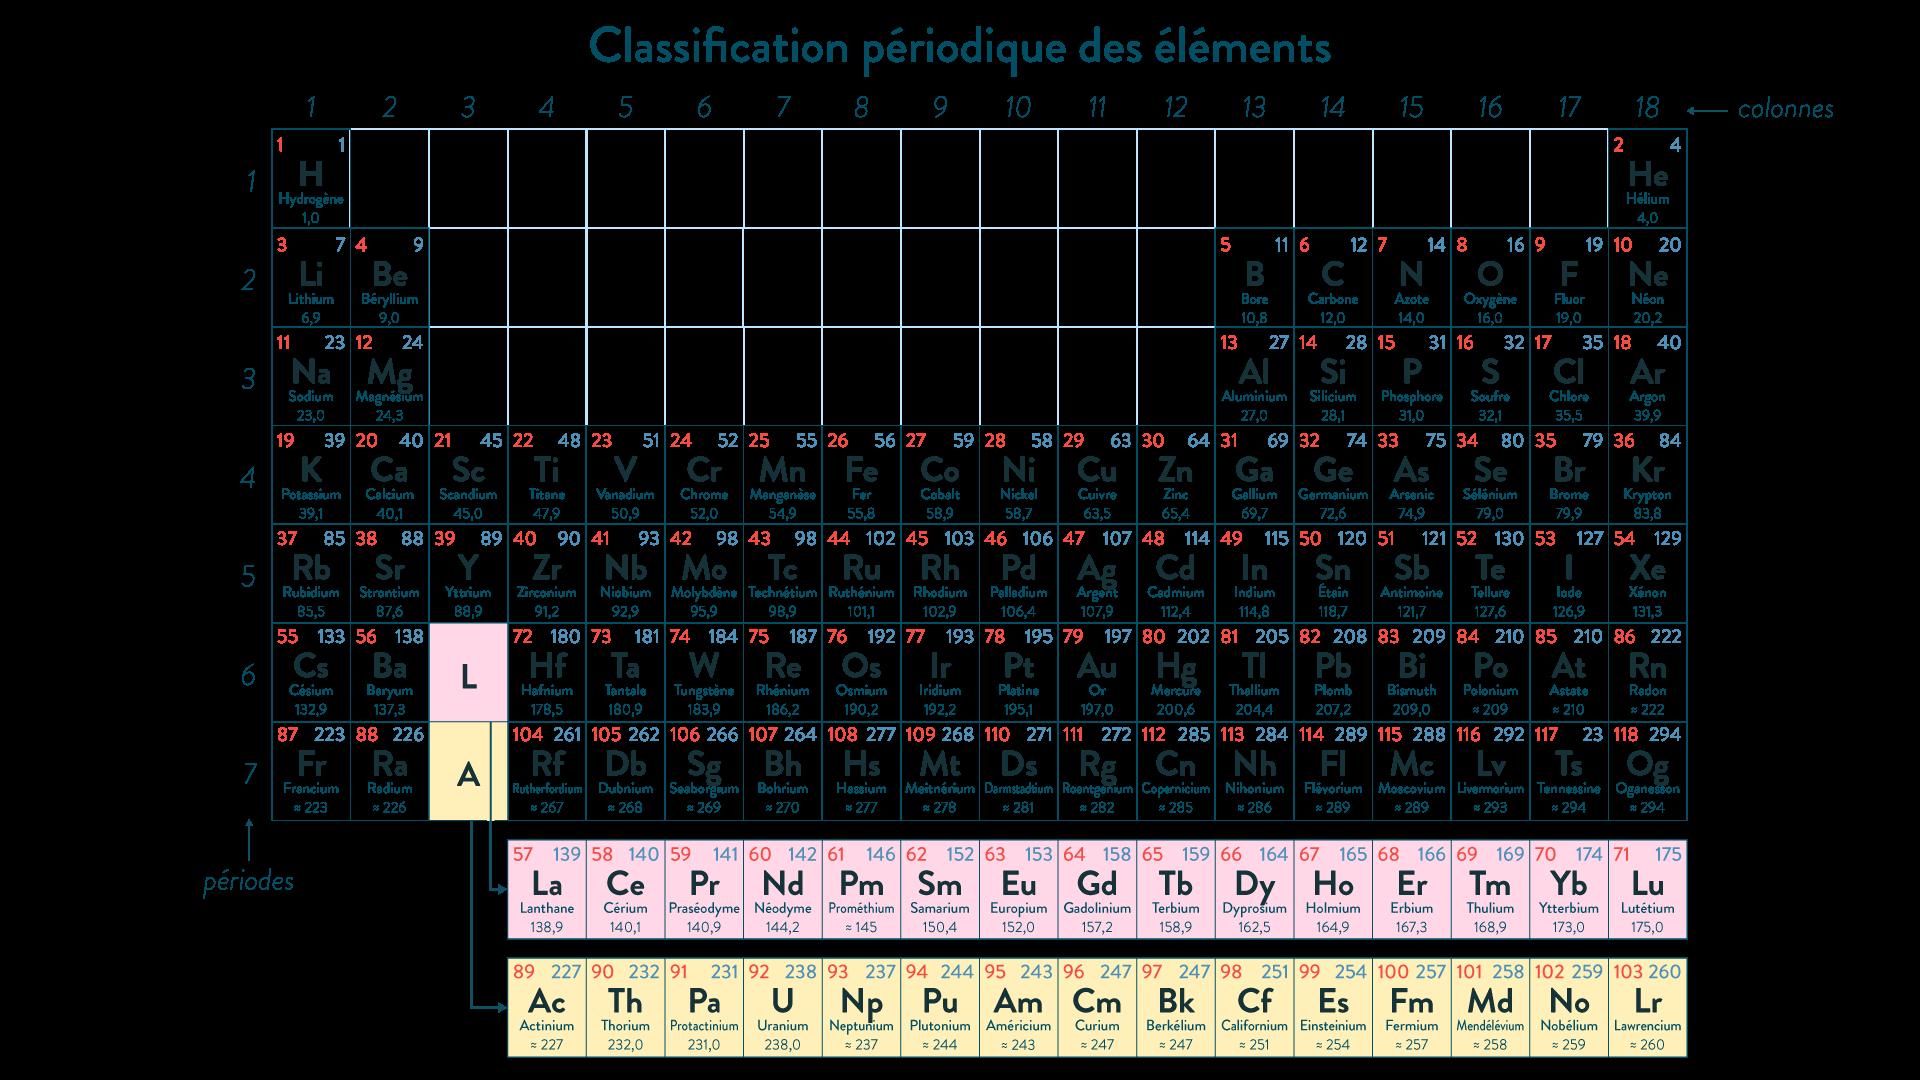 Tableau de classification périodique des éléments chimiques